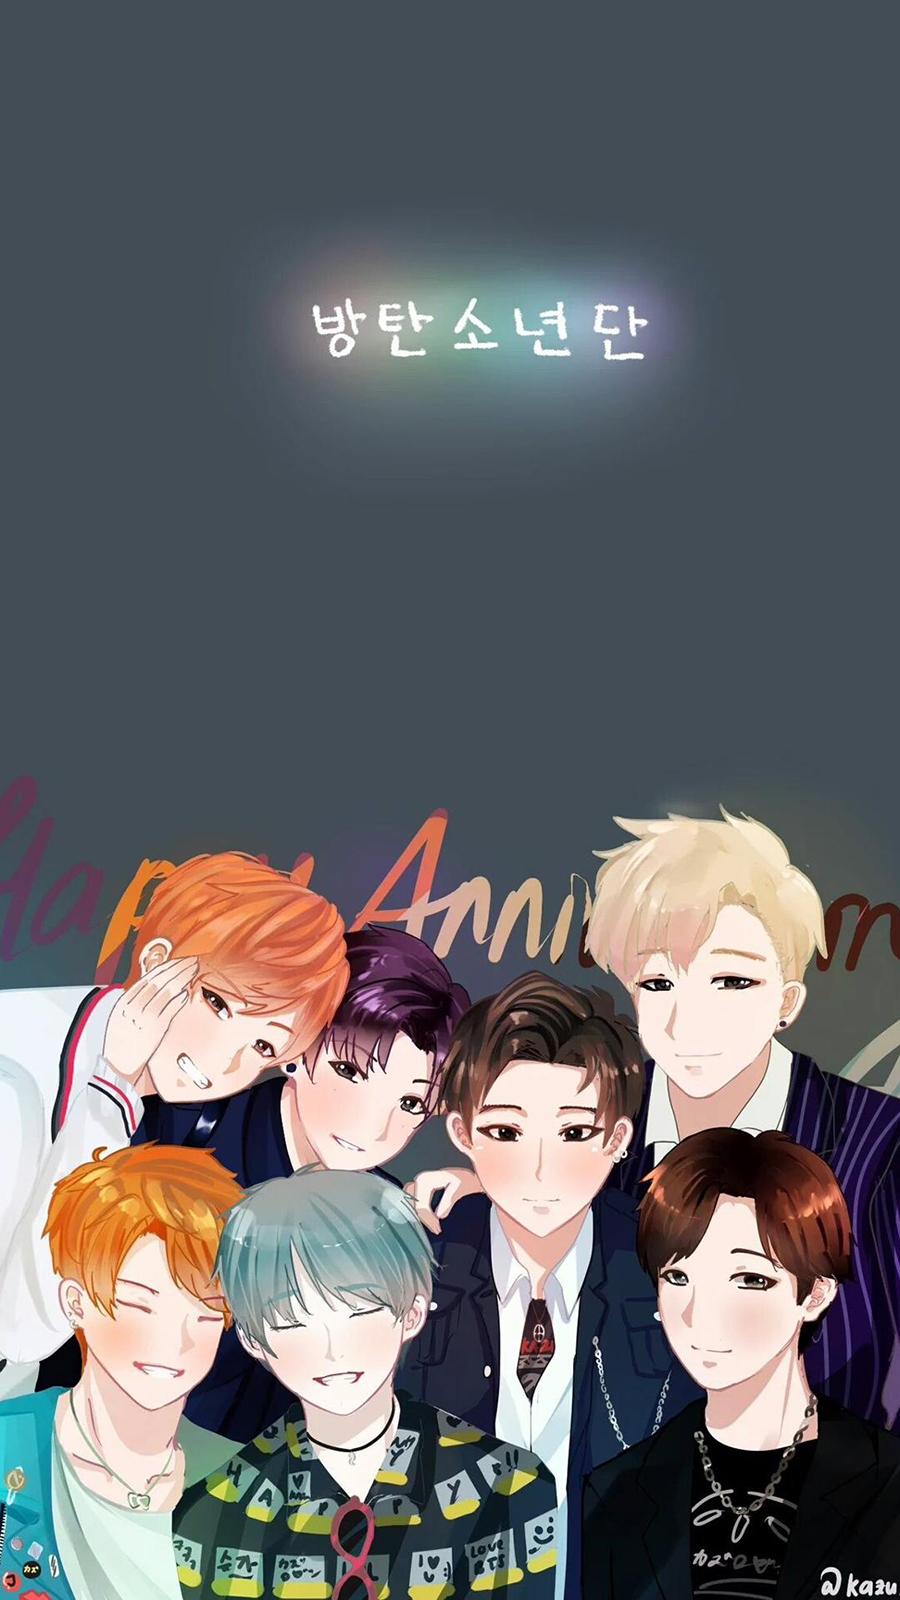 BTS Anime Wallpaper- Wallpaper For BTS Anime